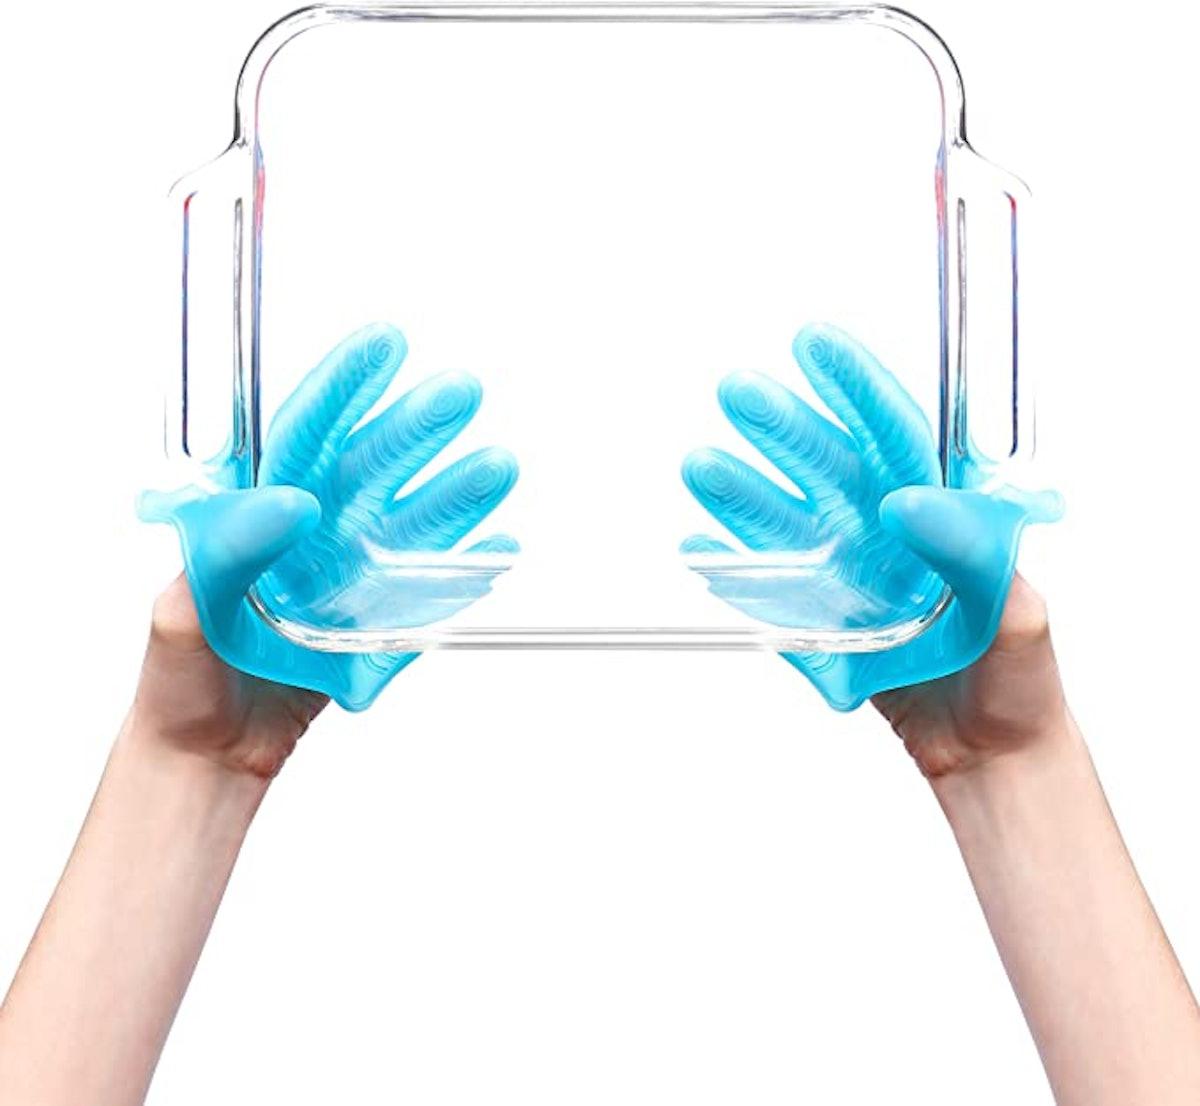 KMN Home 5-Finger Silicone Oven Mitt Gloves